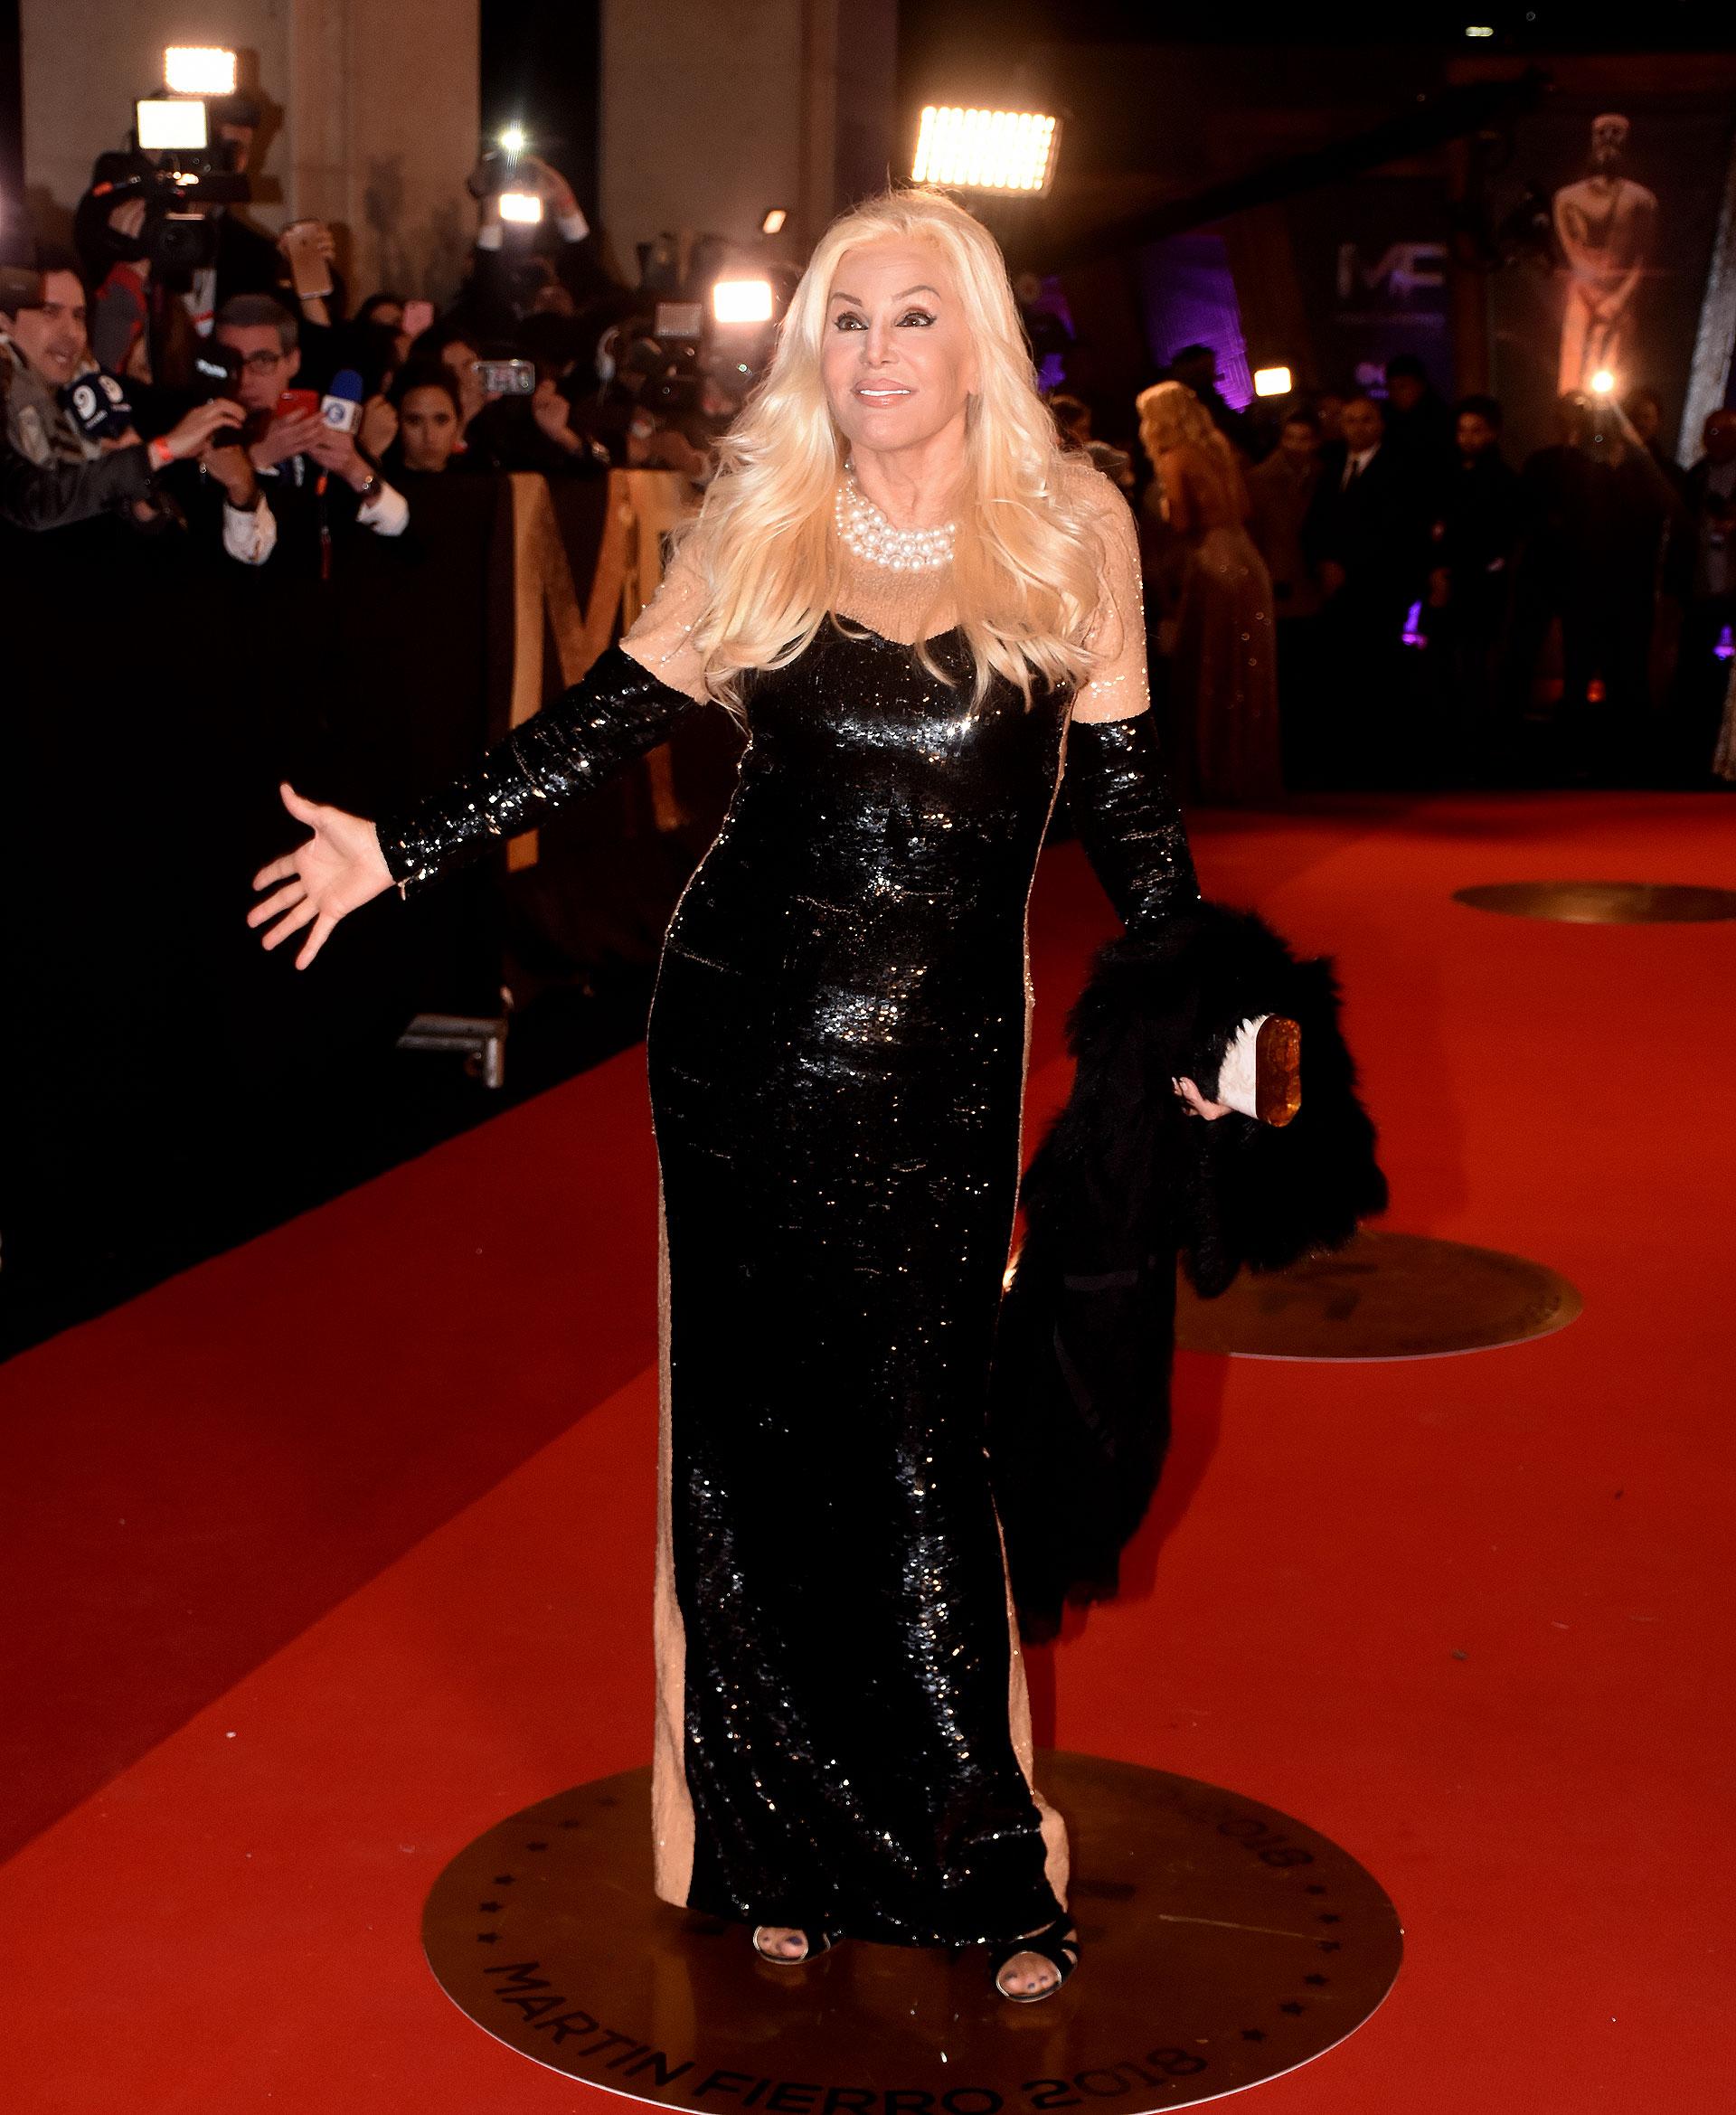 Susana Giménez con un vestido de Michael Kors, totalmente bordado en paillettes negros y transparencias en los costados. La conductora contó que vio a la actriz china Yang Mi en la gala del Met de 2017 y quedó enamorada del modelo